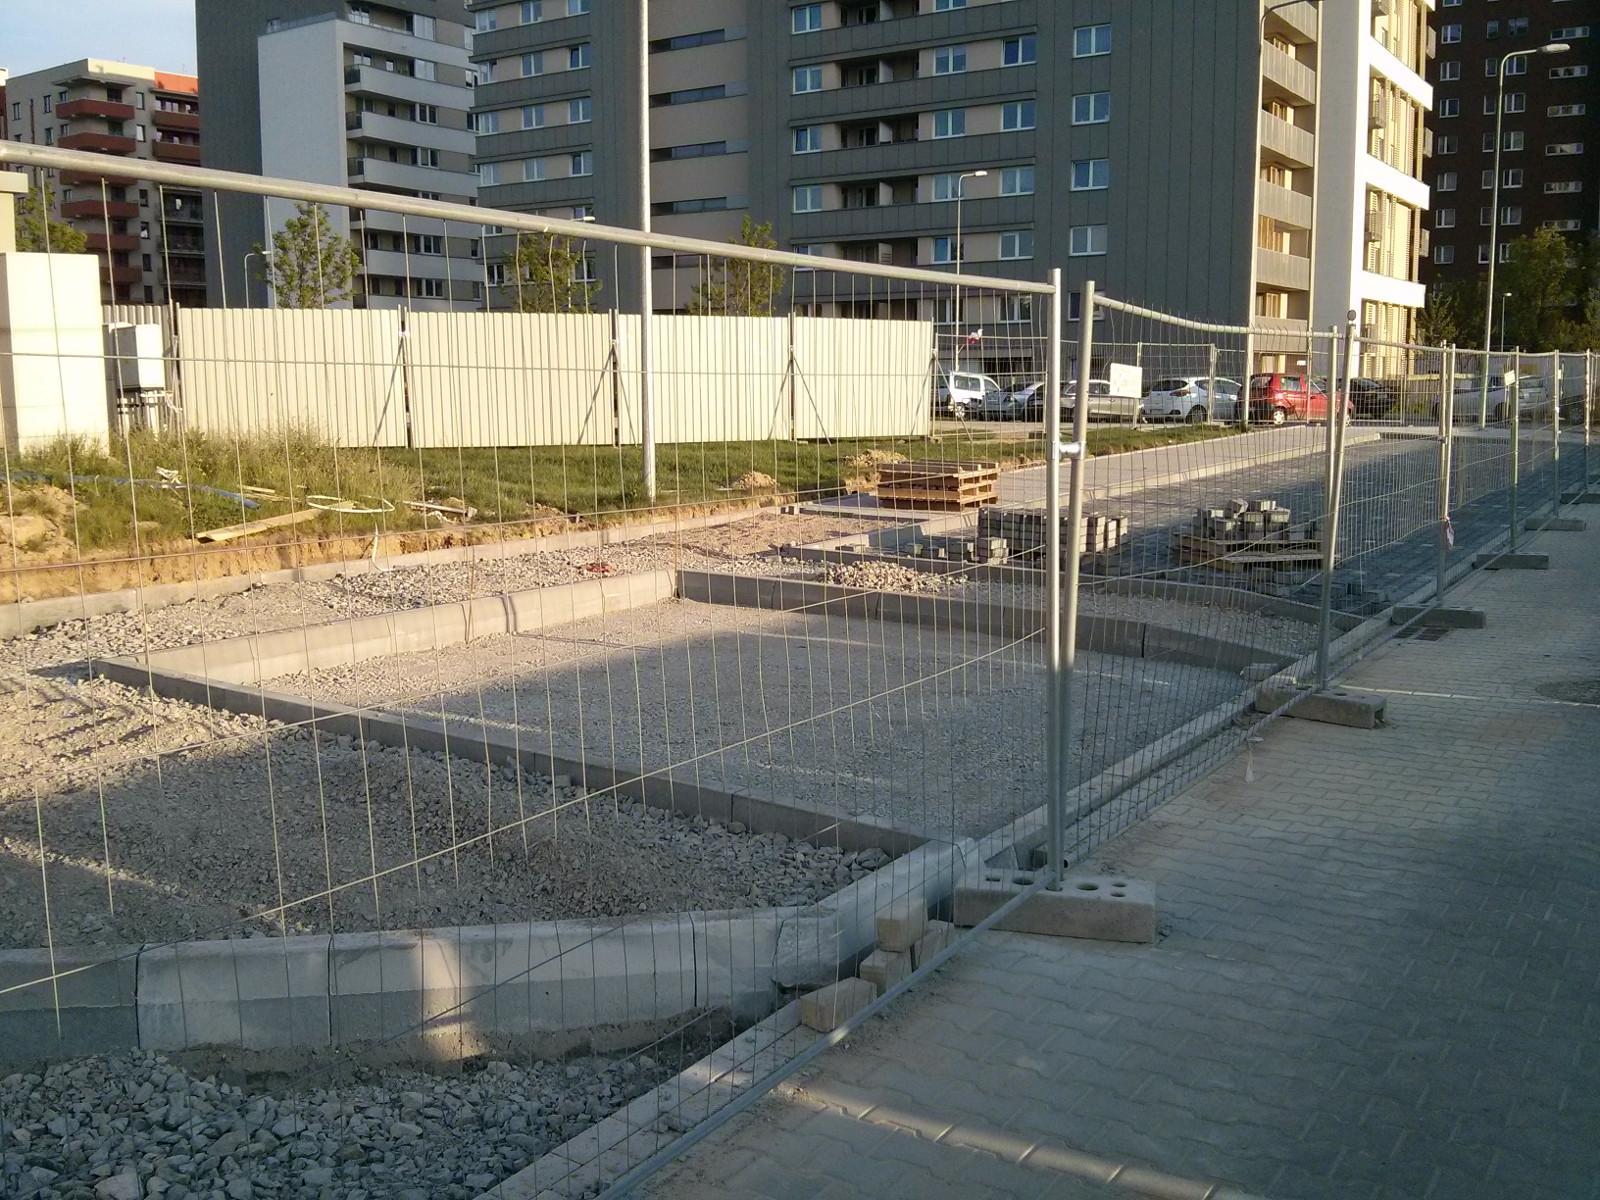 Budynek Avia 4 - kończenie nowych mieszkań w Czyżynach